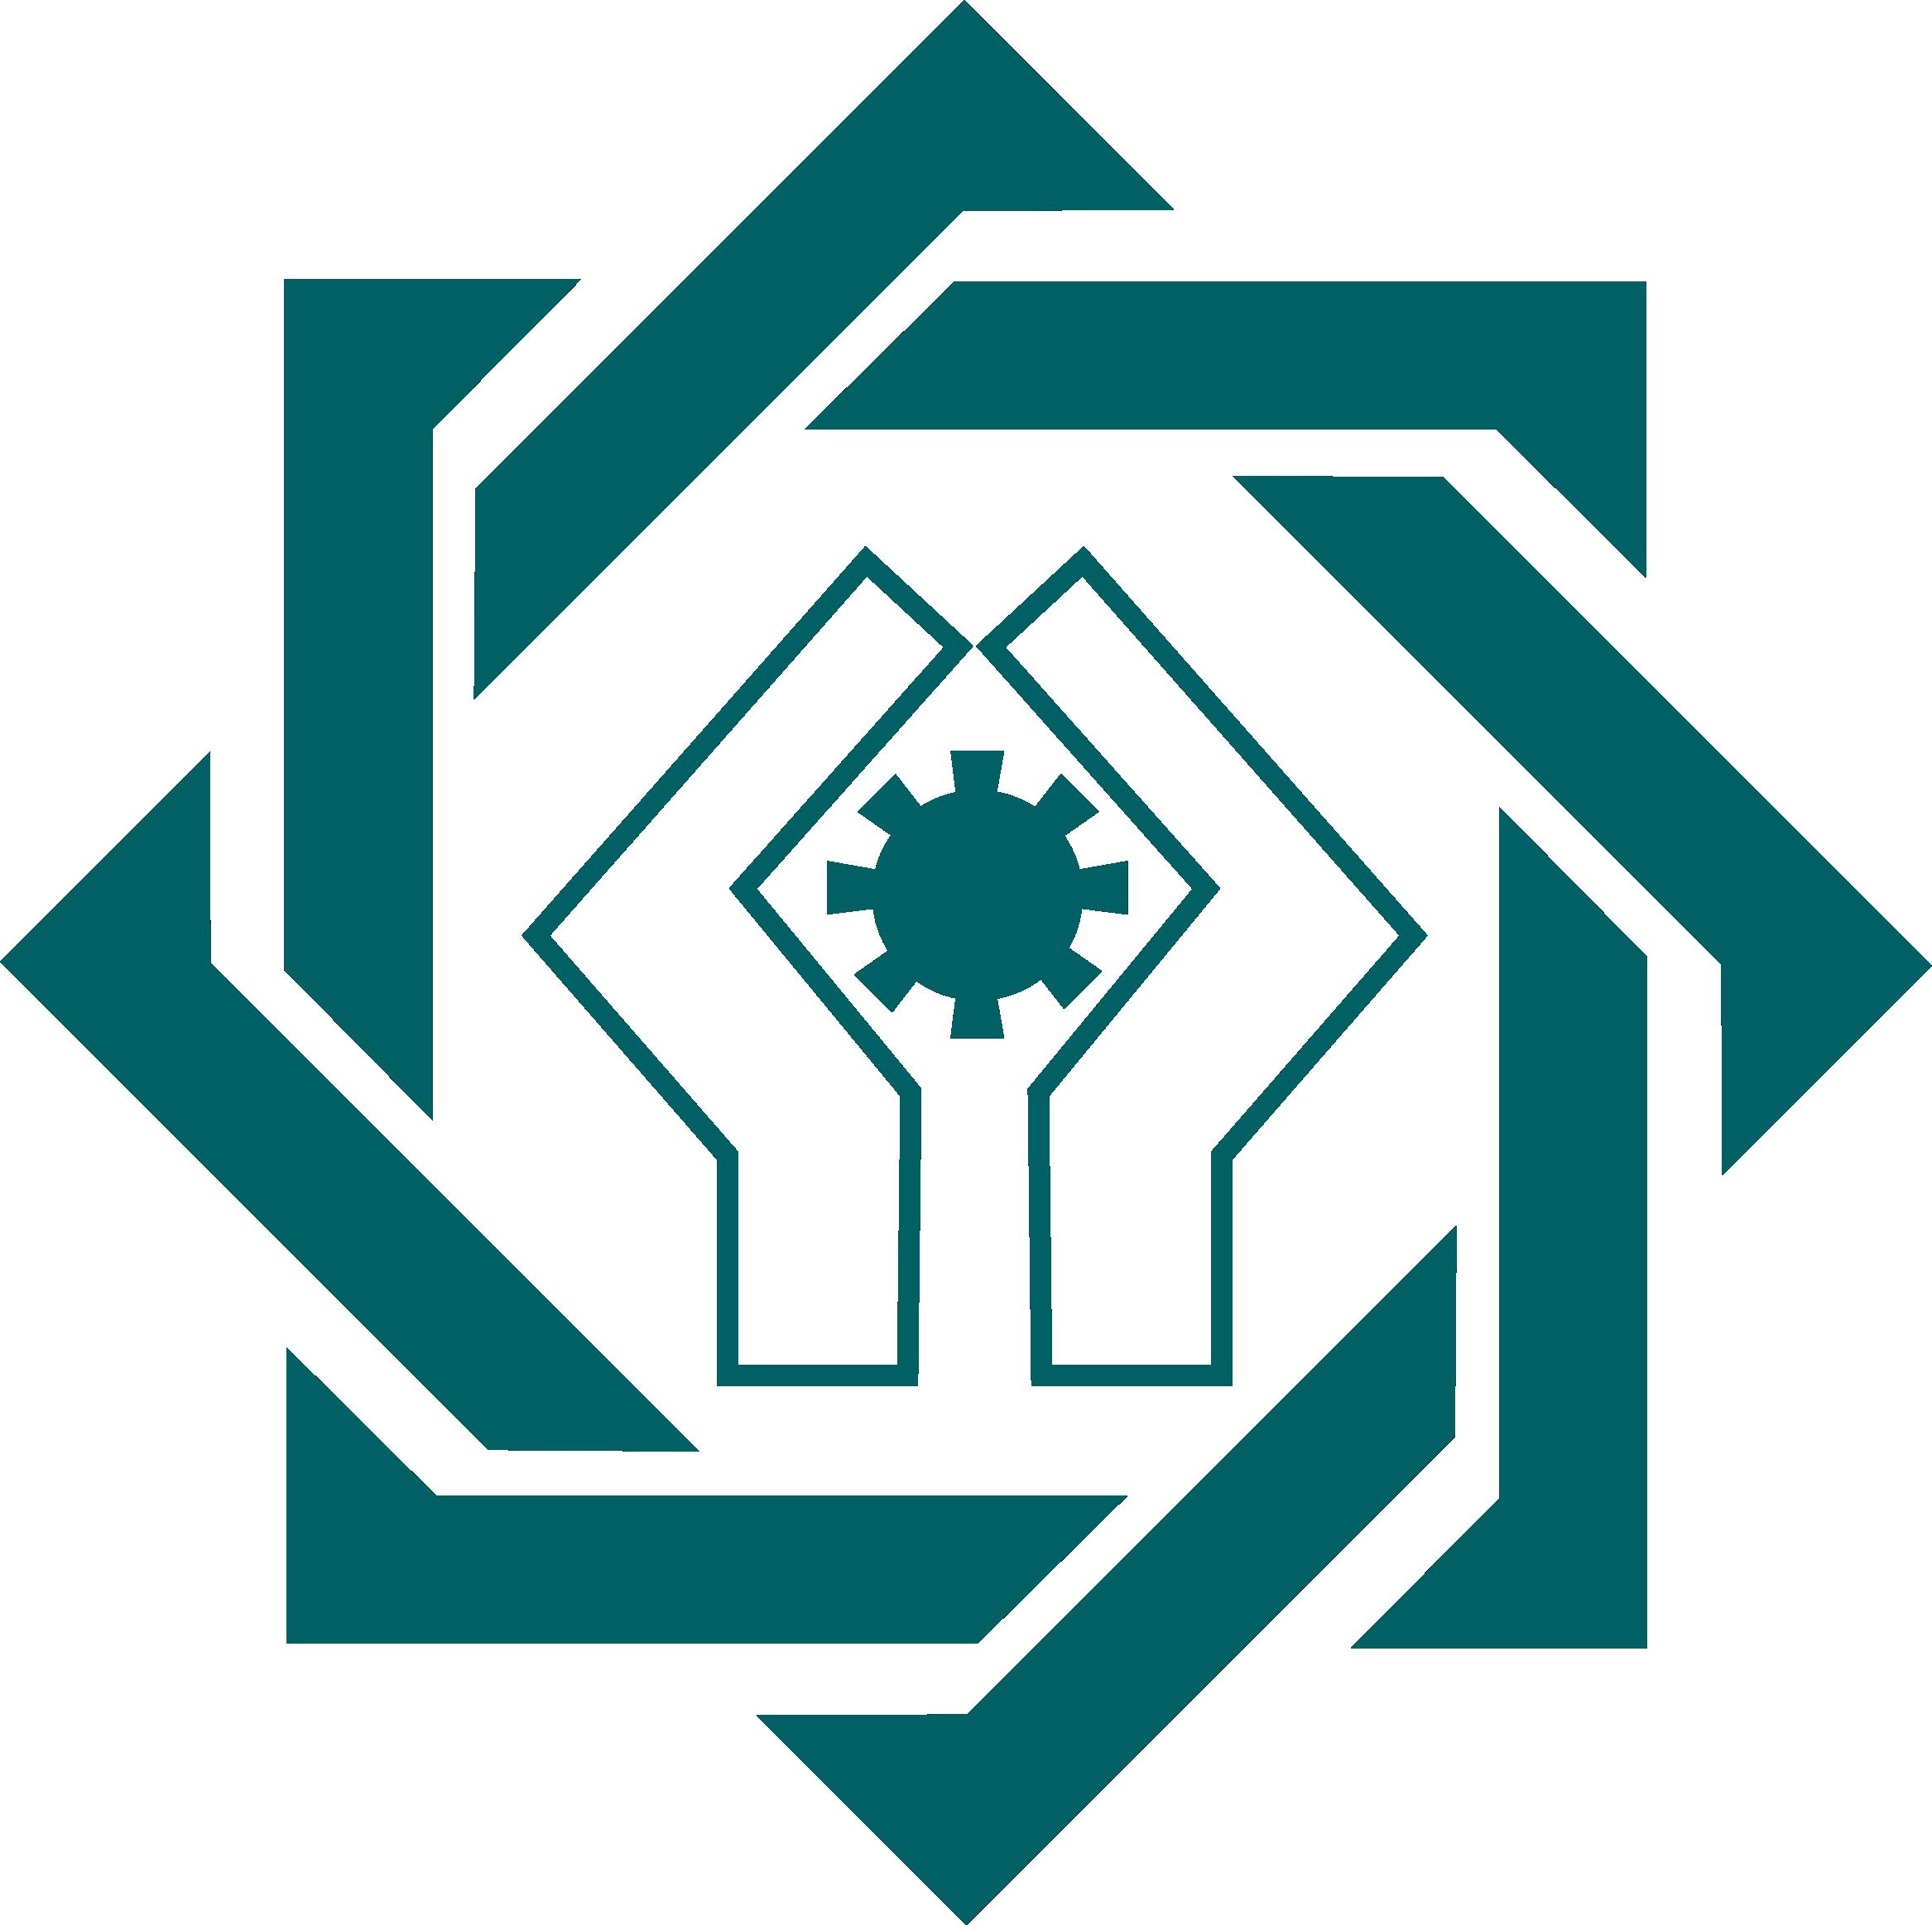 صندوق مالی توسعه تکنولوژی ایران